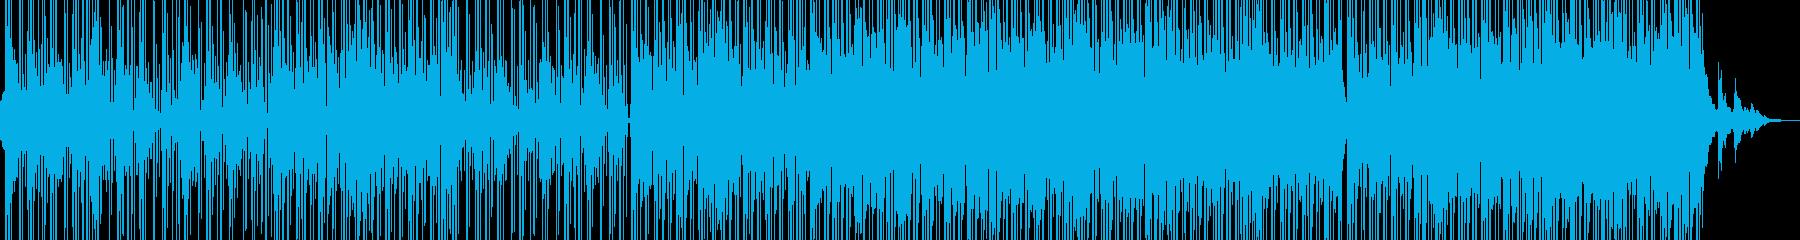 サックスのメロウな雰囲気漂うR&B Cの再生済みの波形